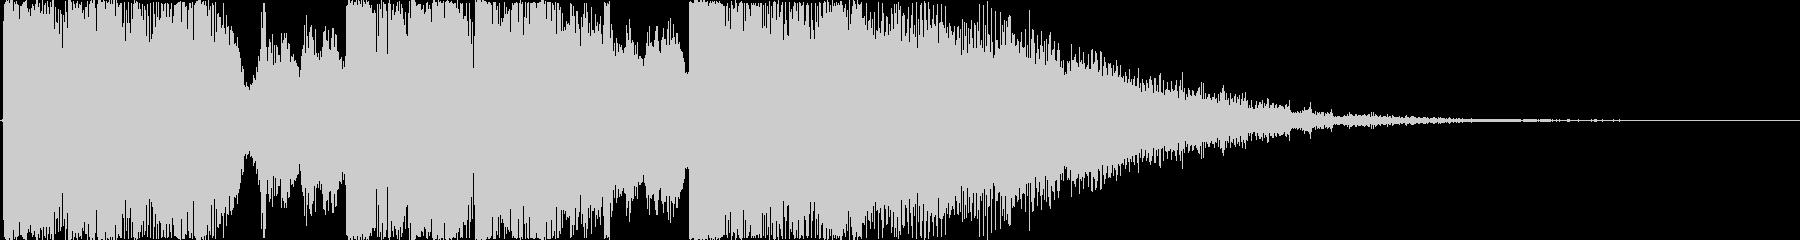 ノリのいい王道なラジオ向けジングルの未再生の波形